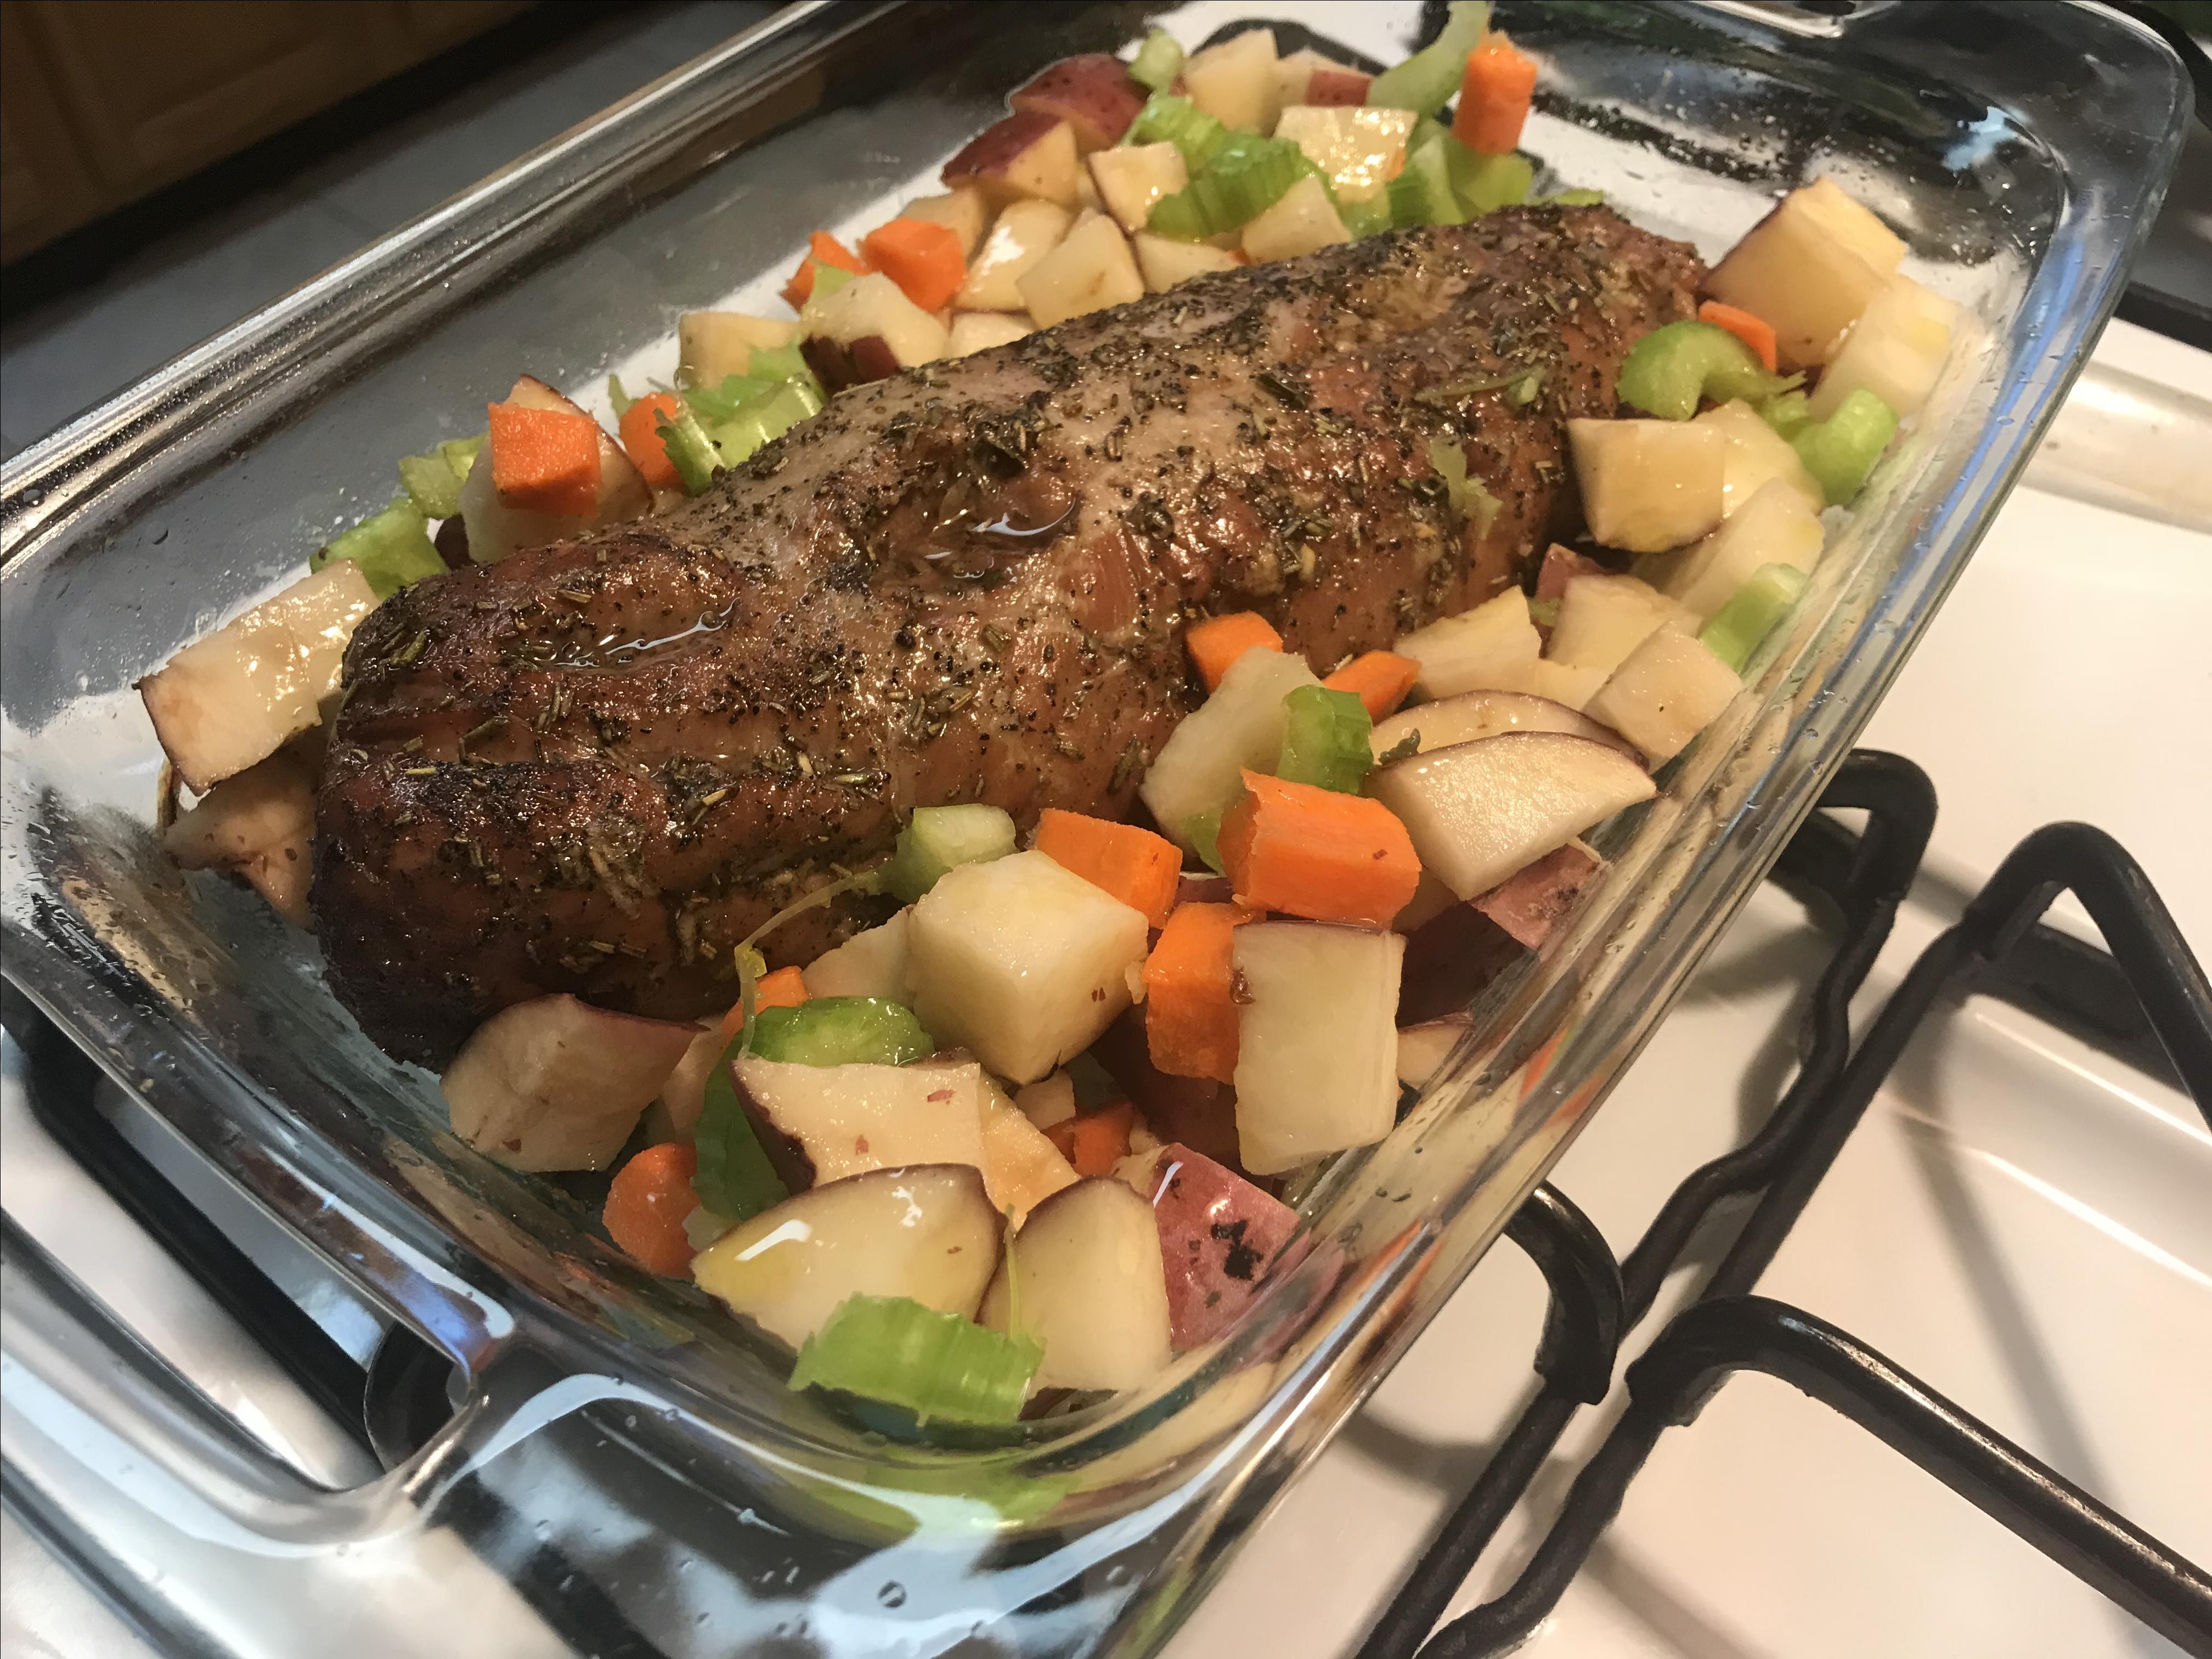 Healthier Roasted Pork Loin Bonnie Harley